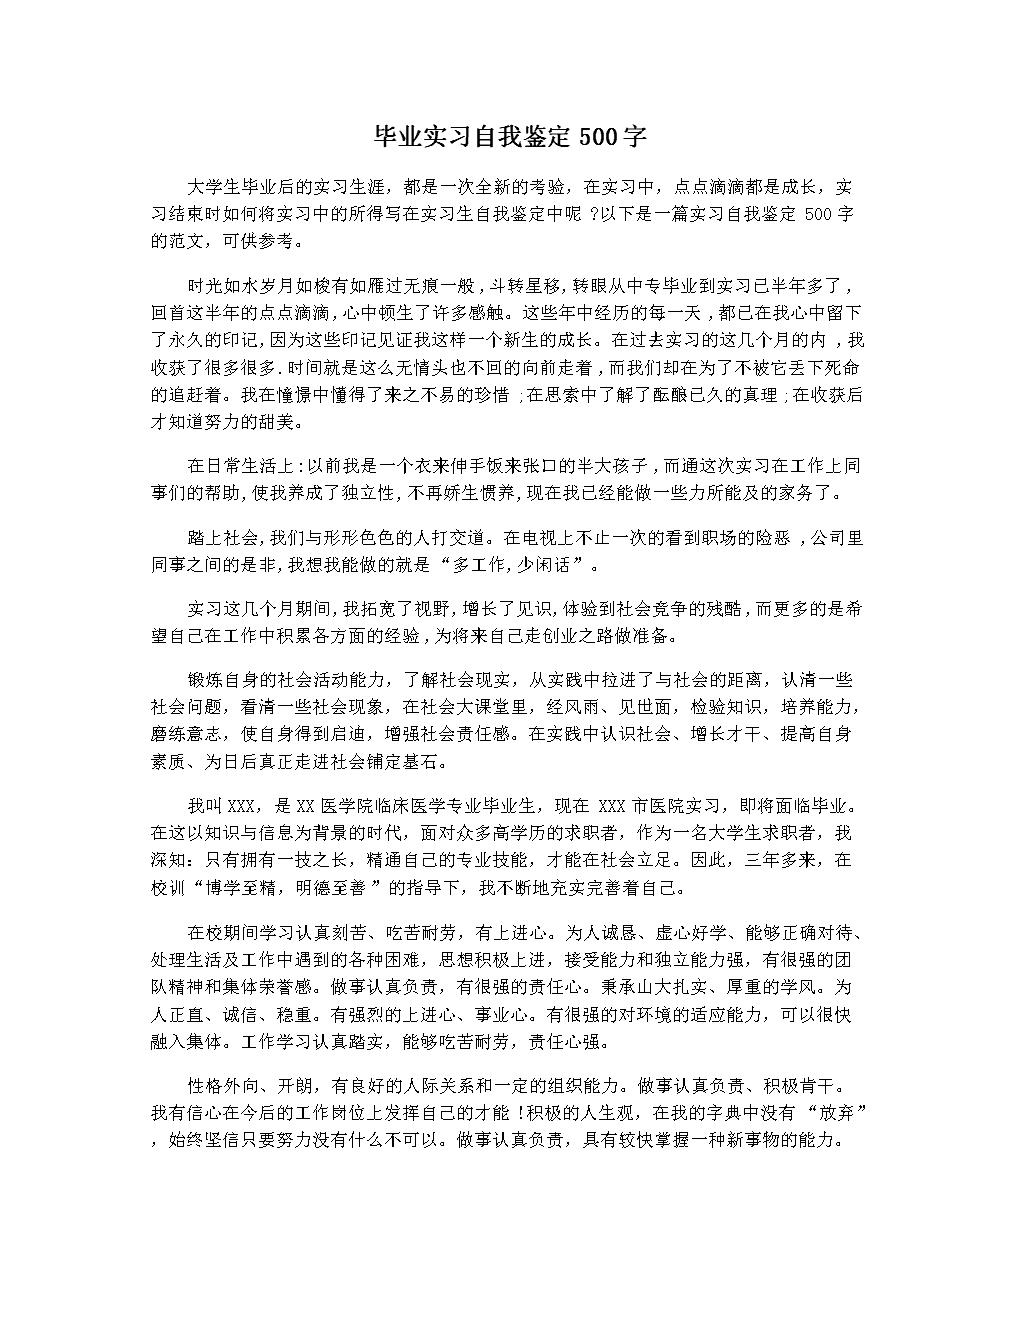 毕业实习自我鉴定500字.docx